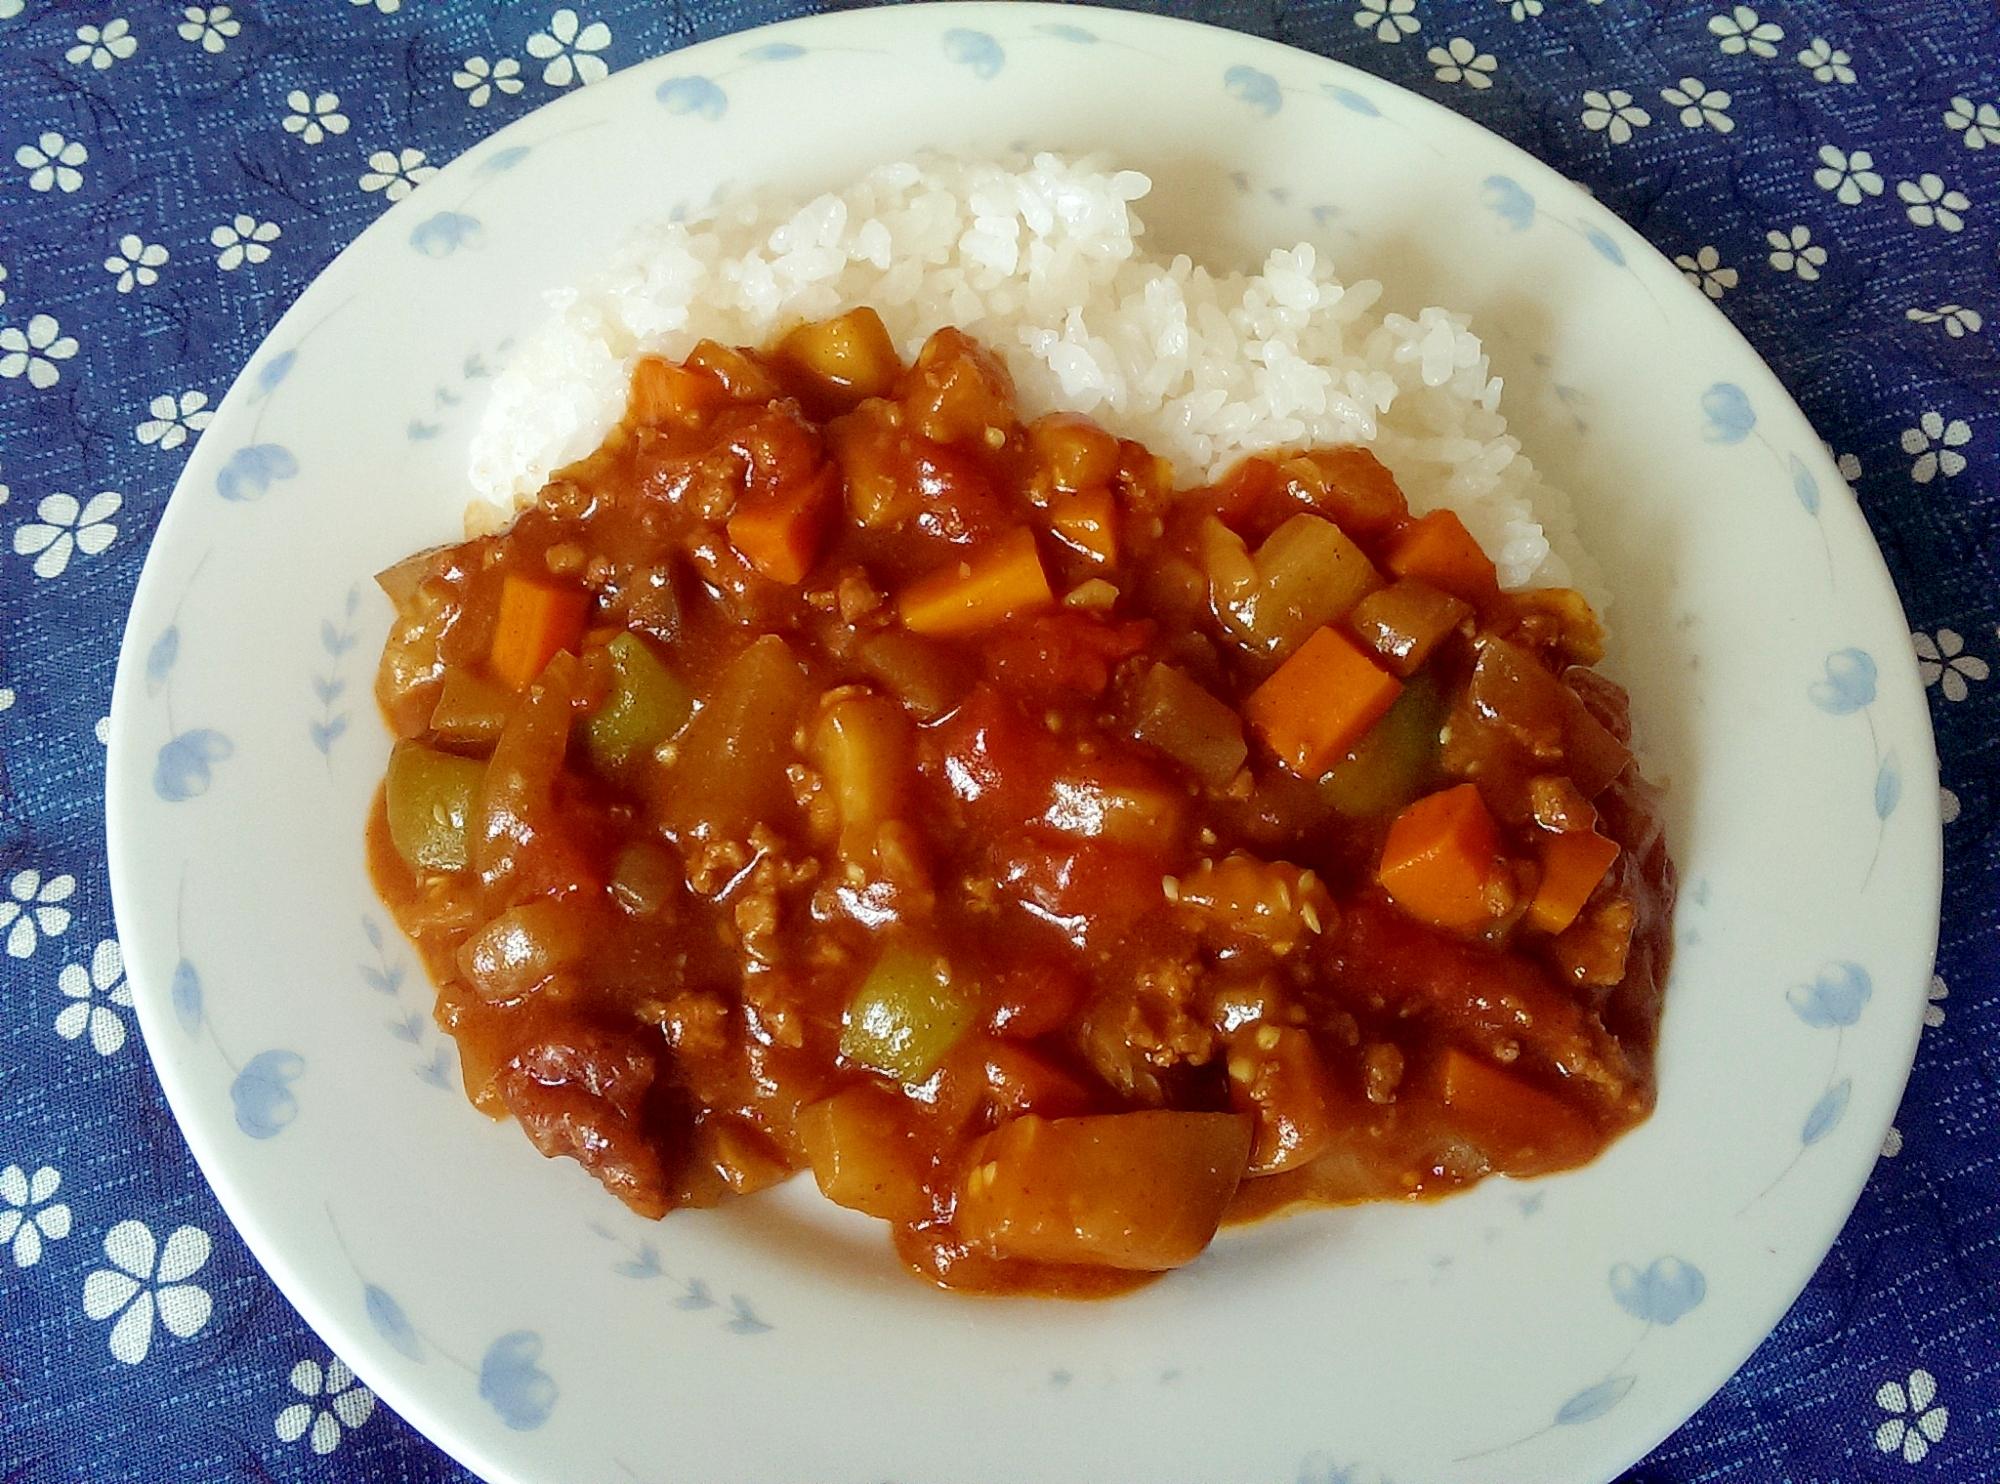 トマト缶で作るひき肉と夏野菜のカレー